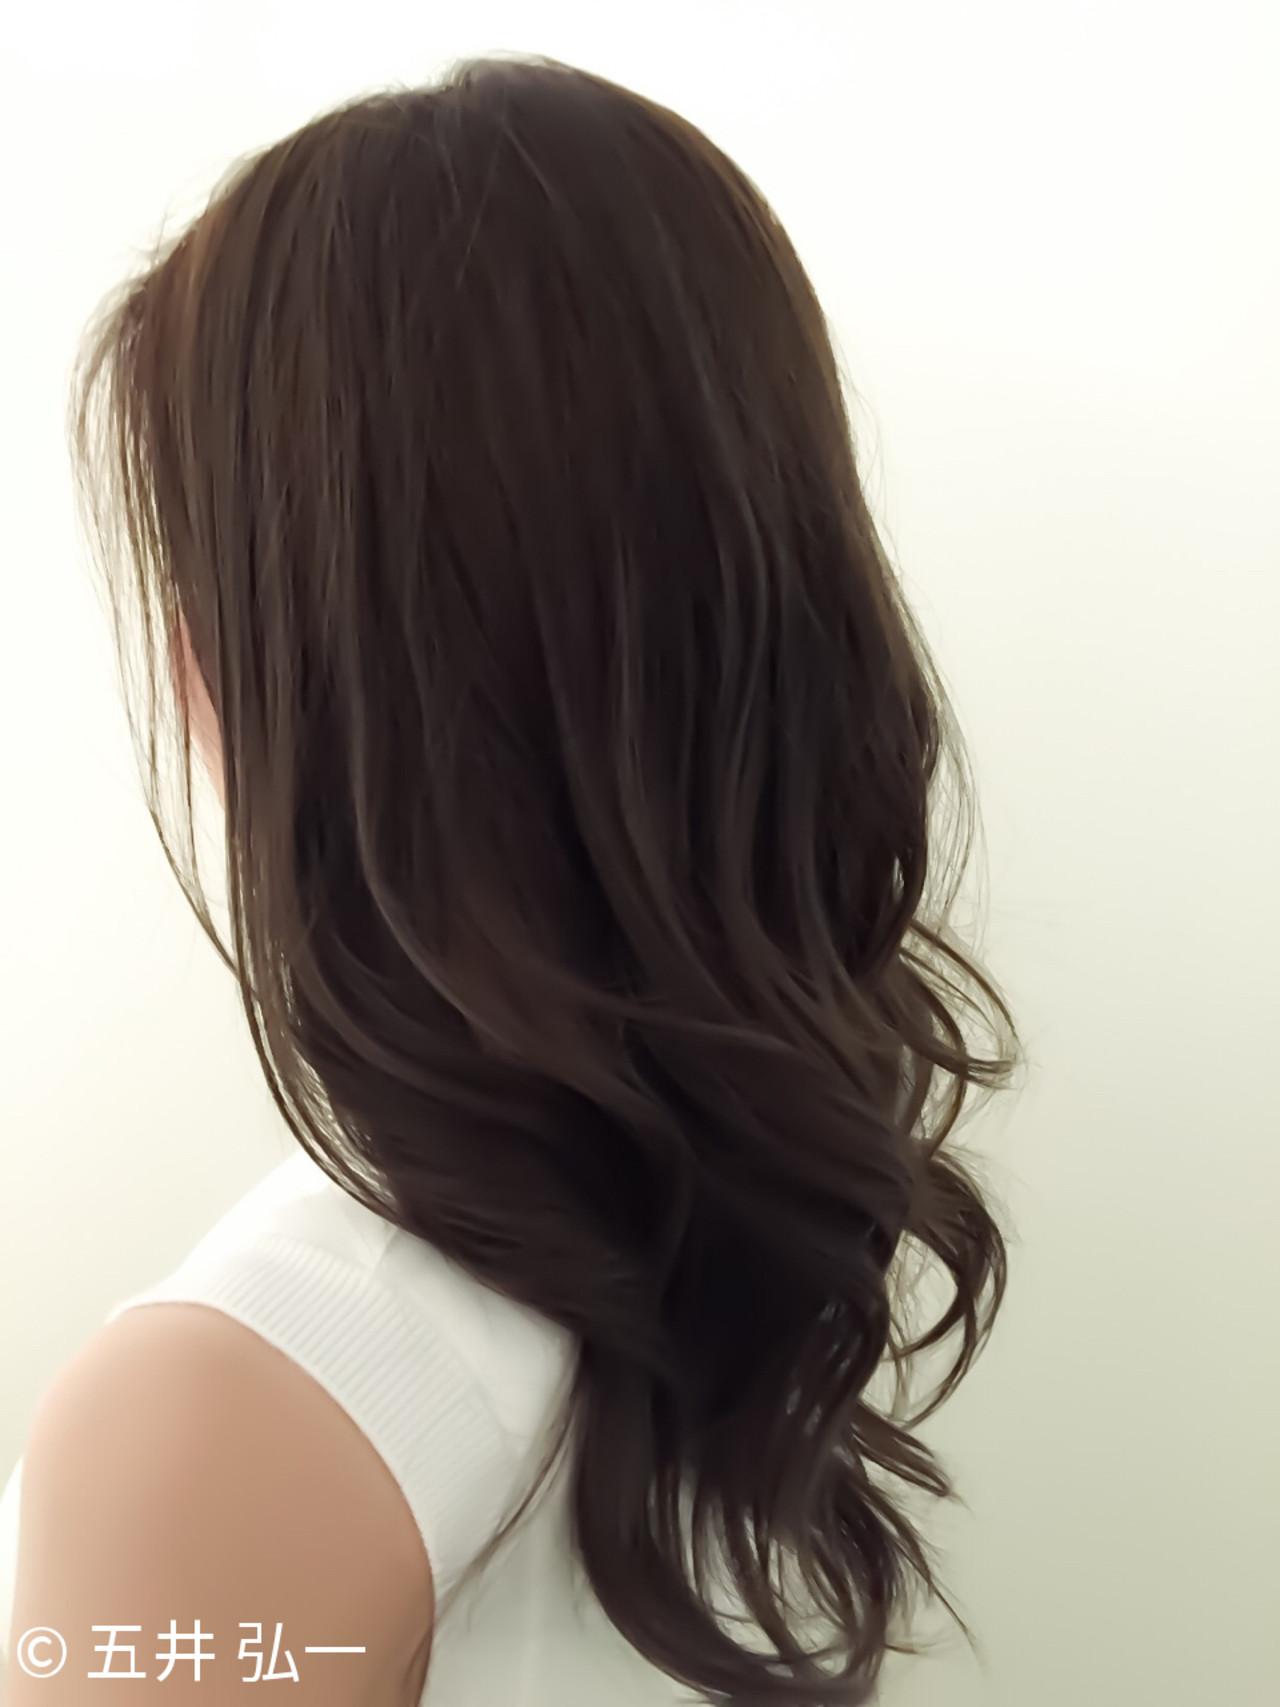 セミロング アッシュ ナチュラル 3Dカラー ヘアスタイルや髪型の写真・画像 | 五井 弘一/札幌 / ネオンズ 札幌駅JR55ビル店